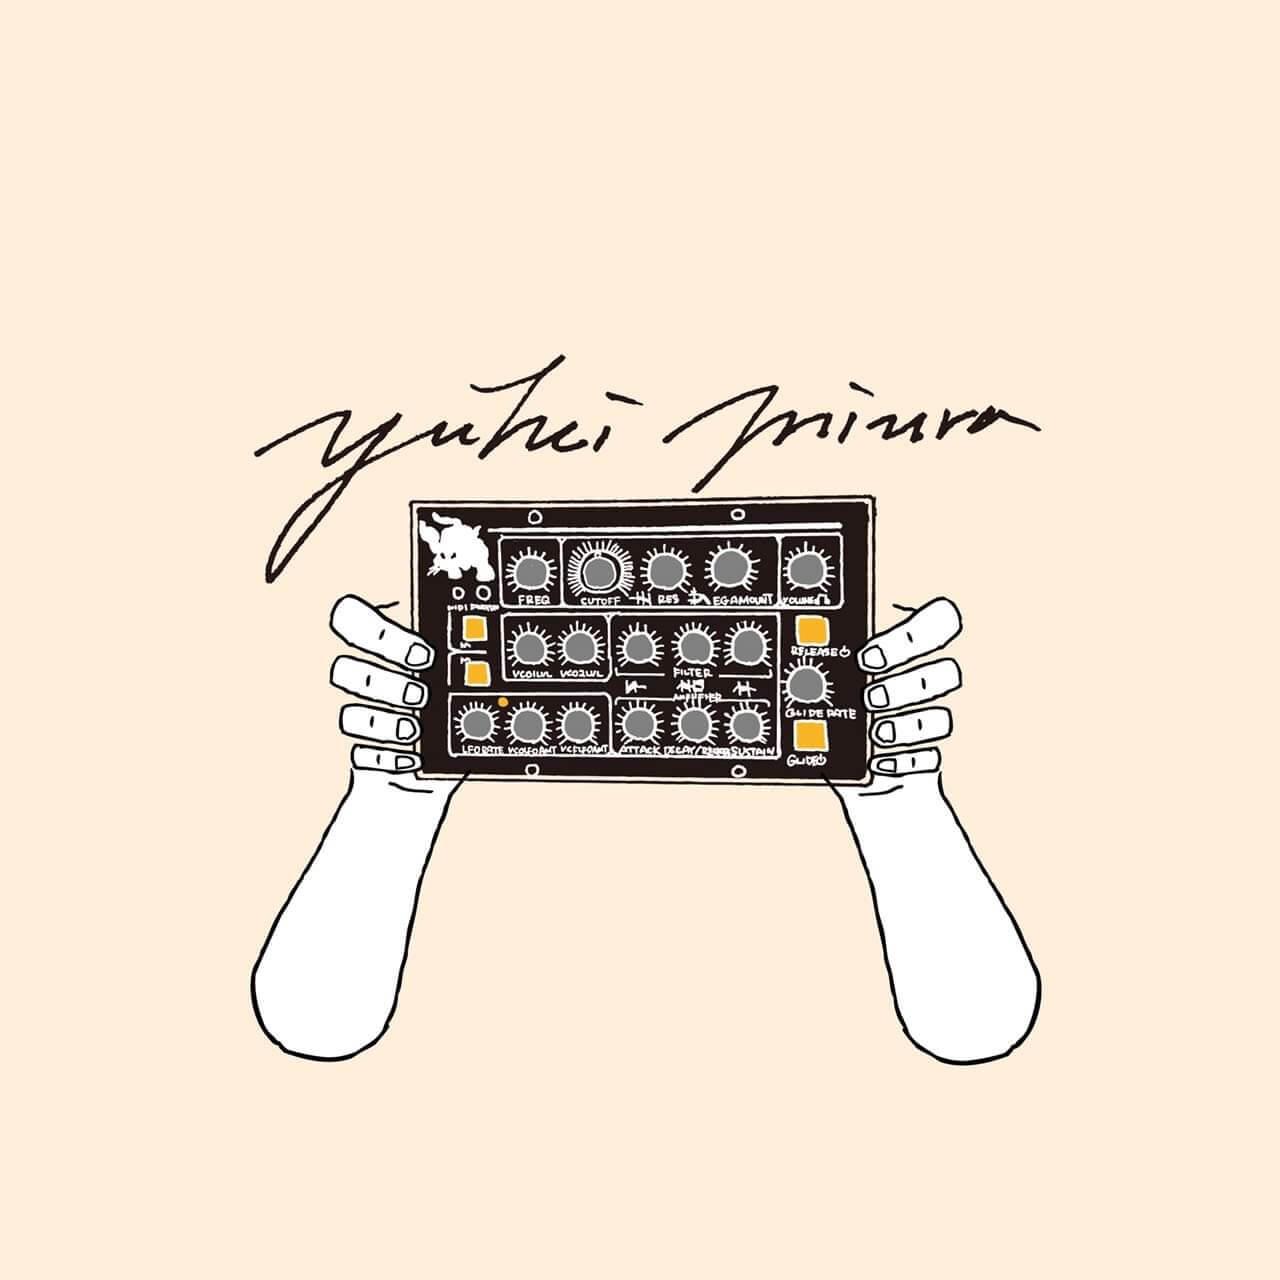 【IYOW】yuhei miura